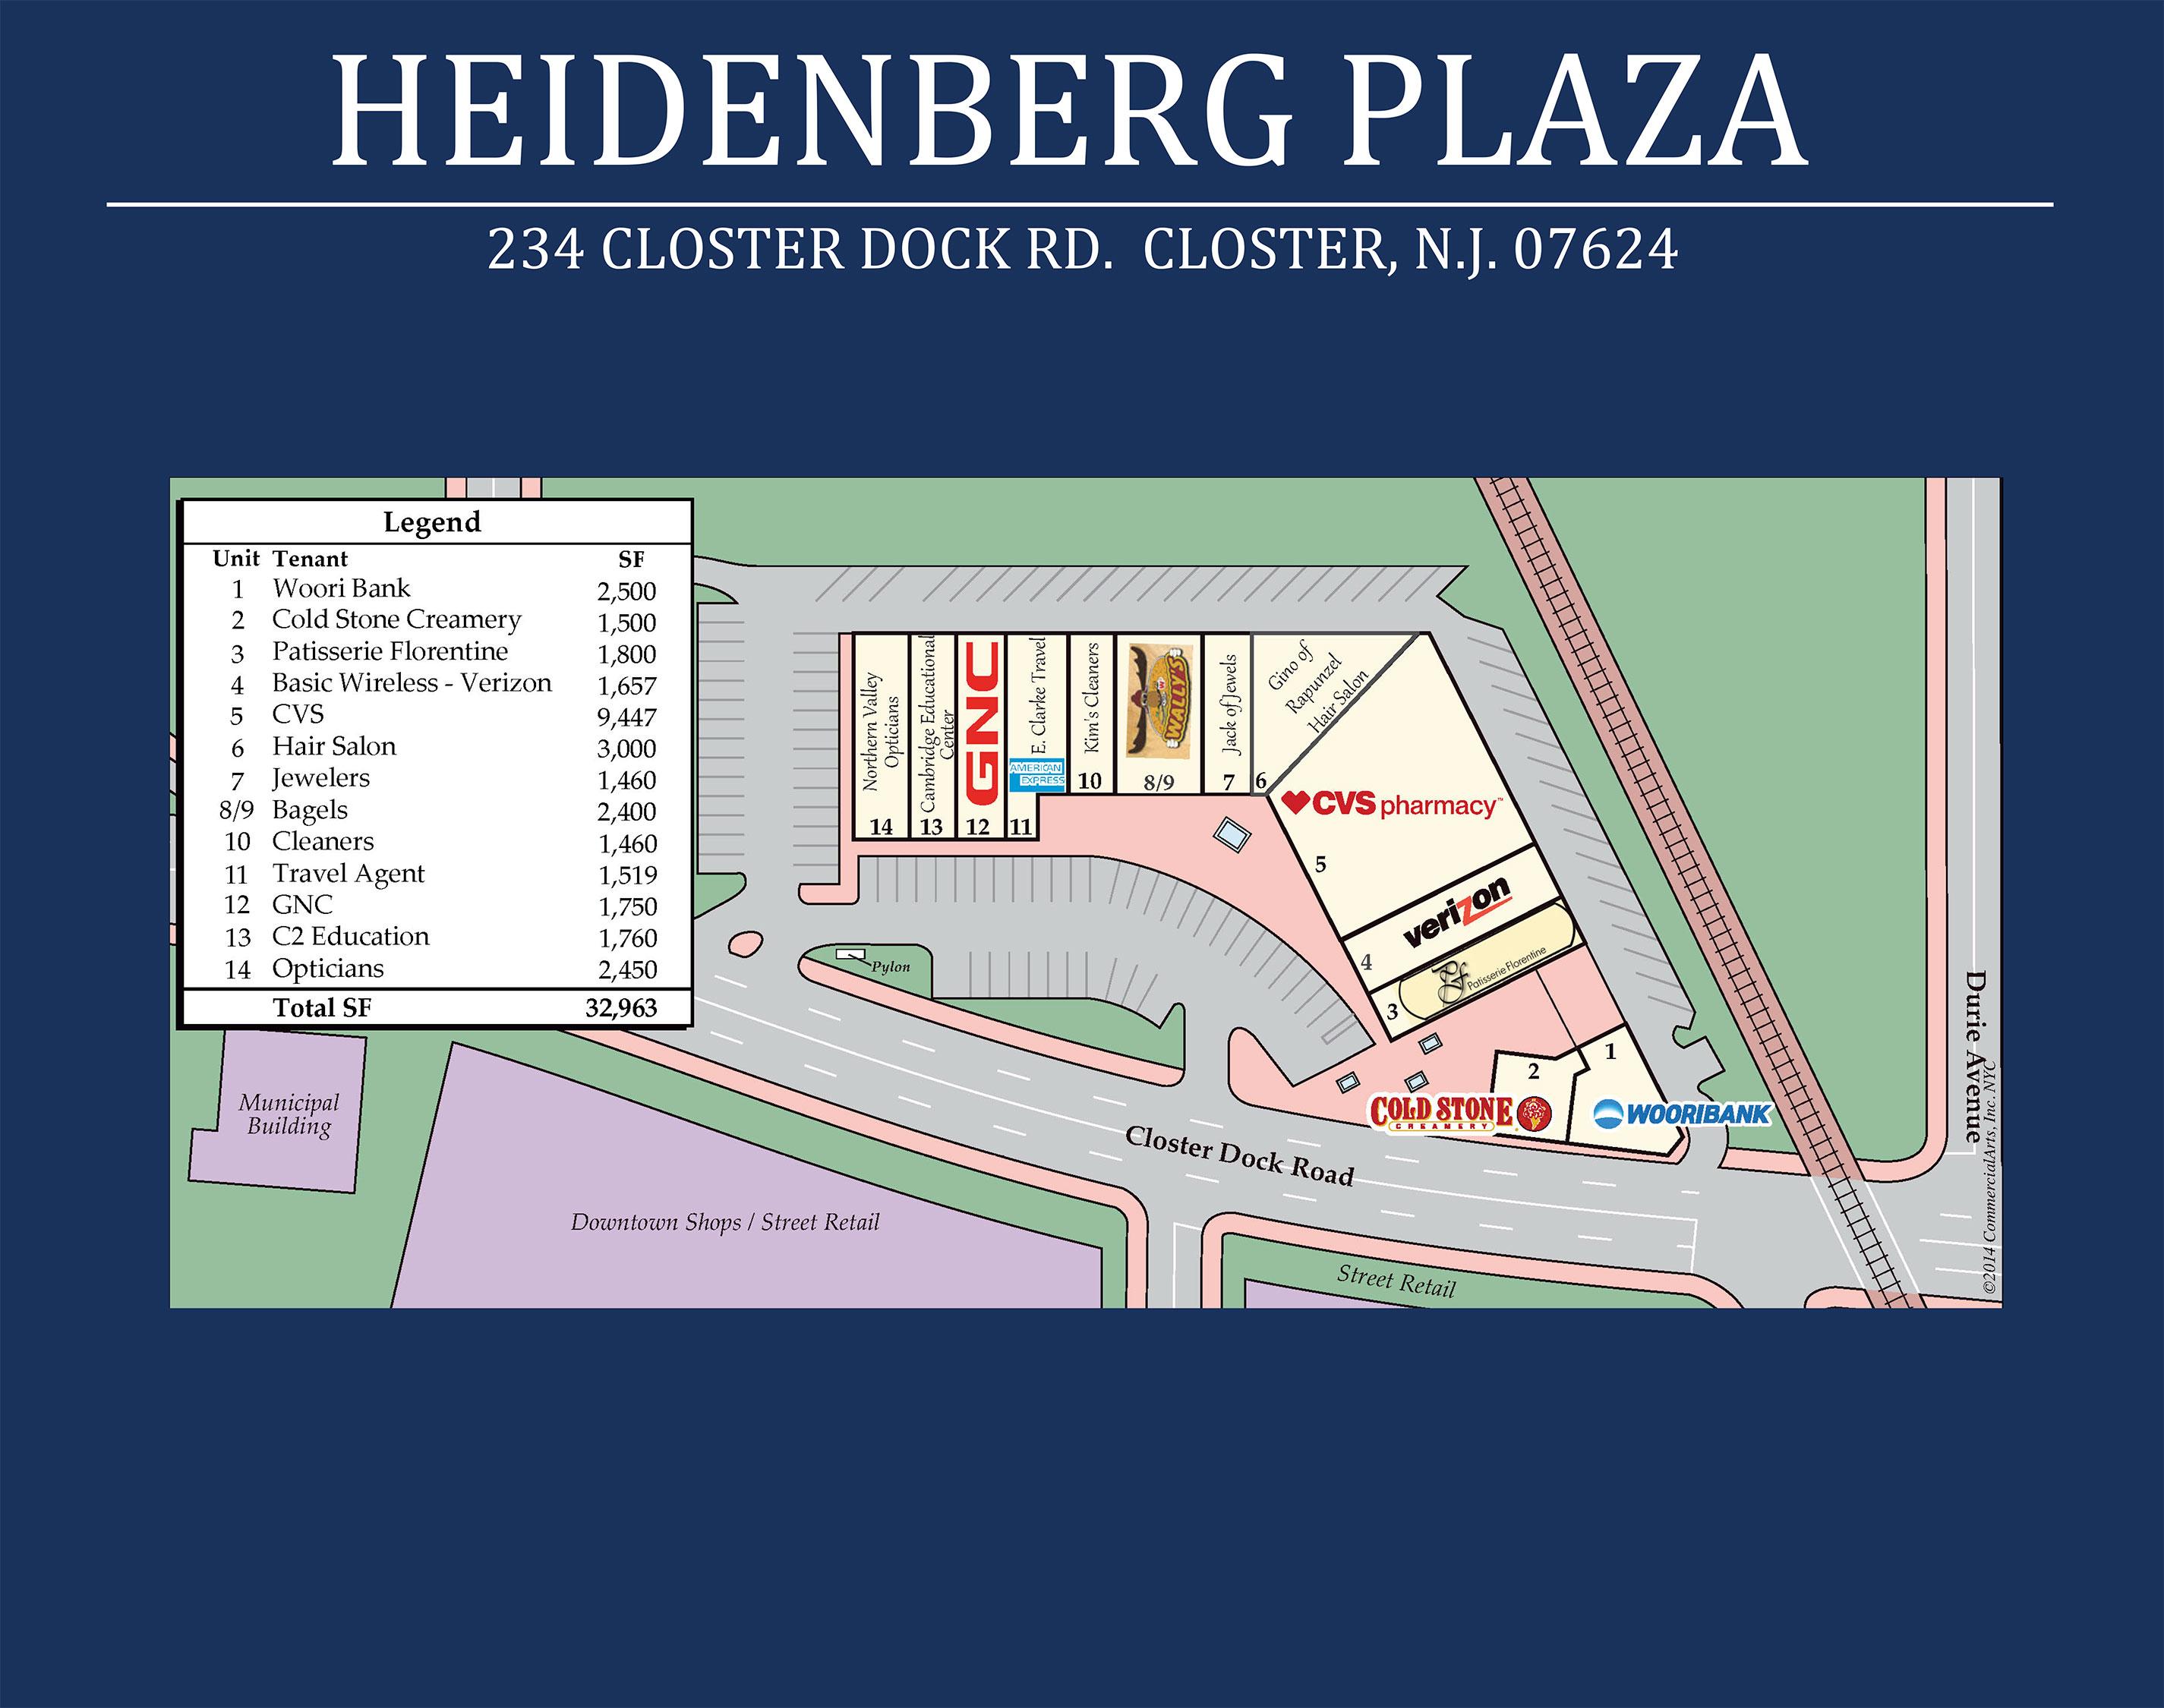 HP_HeidenbergPlaza